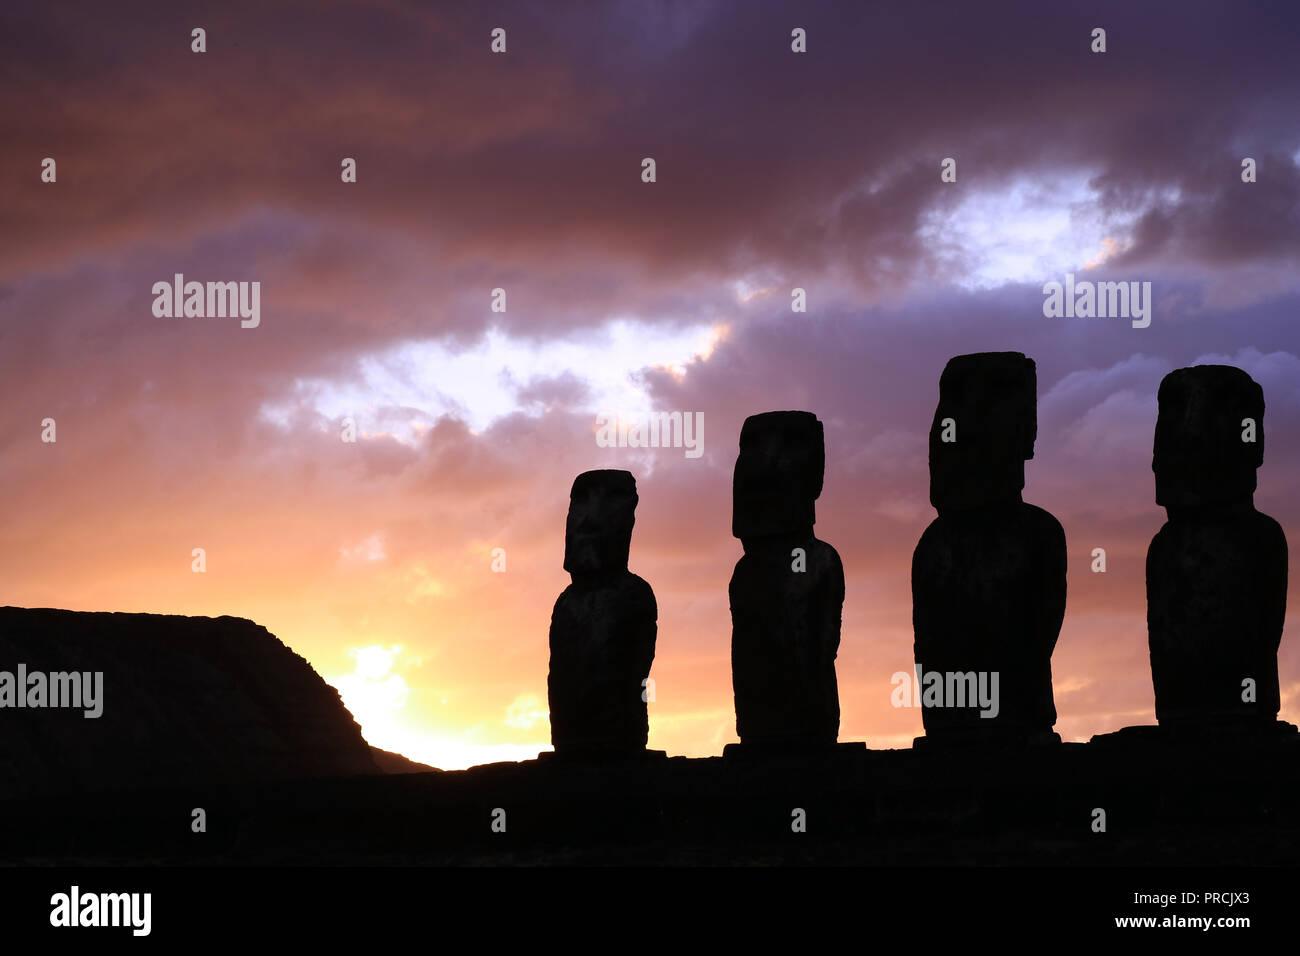 Stordimento viola Sunrise cielo nuvoloso oltre la sagoma del gigante Moai statue di Ahu Tongariki sito archeologico, Isola di Pasqua, Cile Immagini Stock